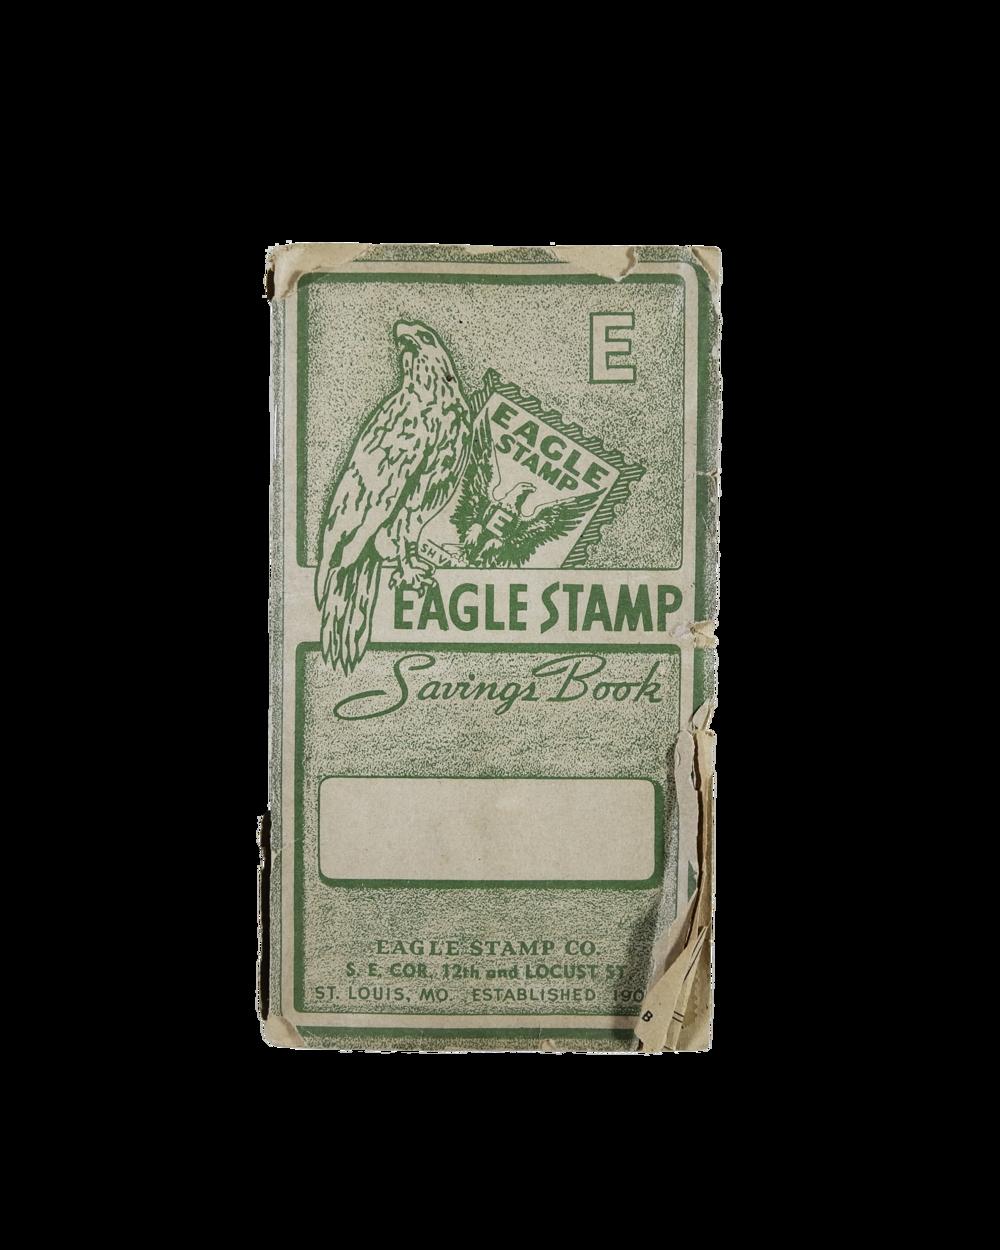 Vintage Eagle Stamp Booklet